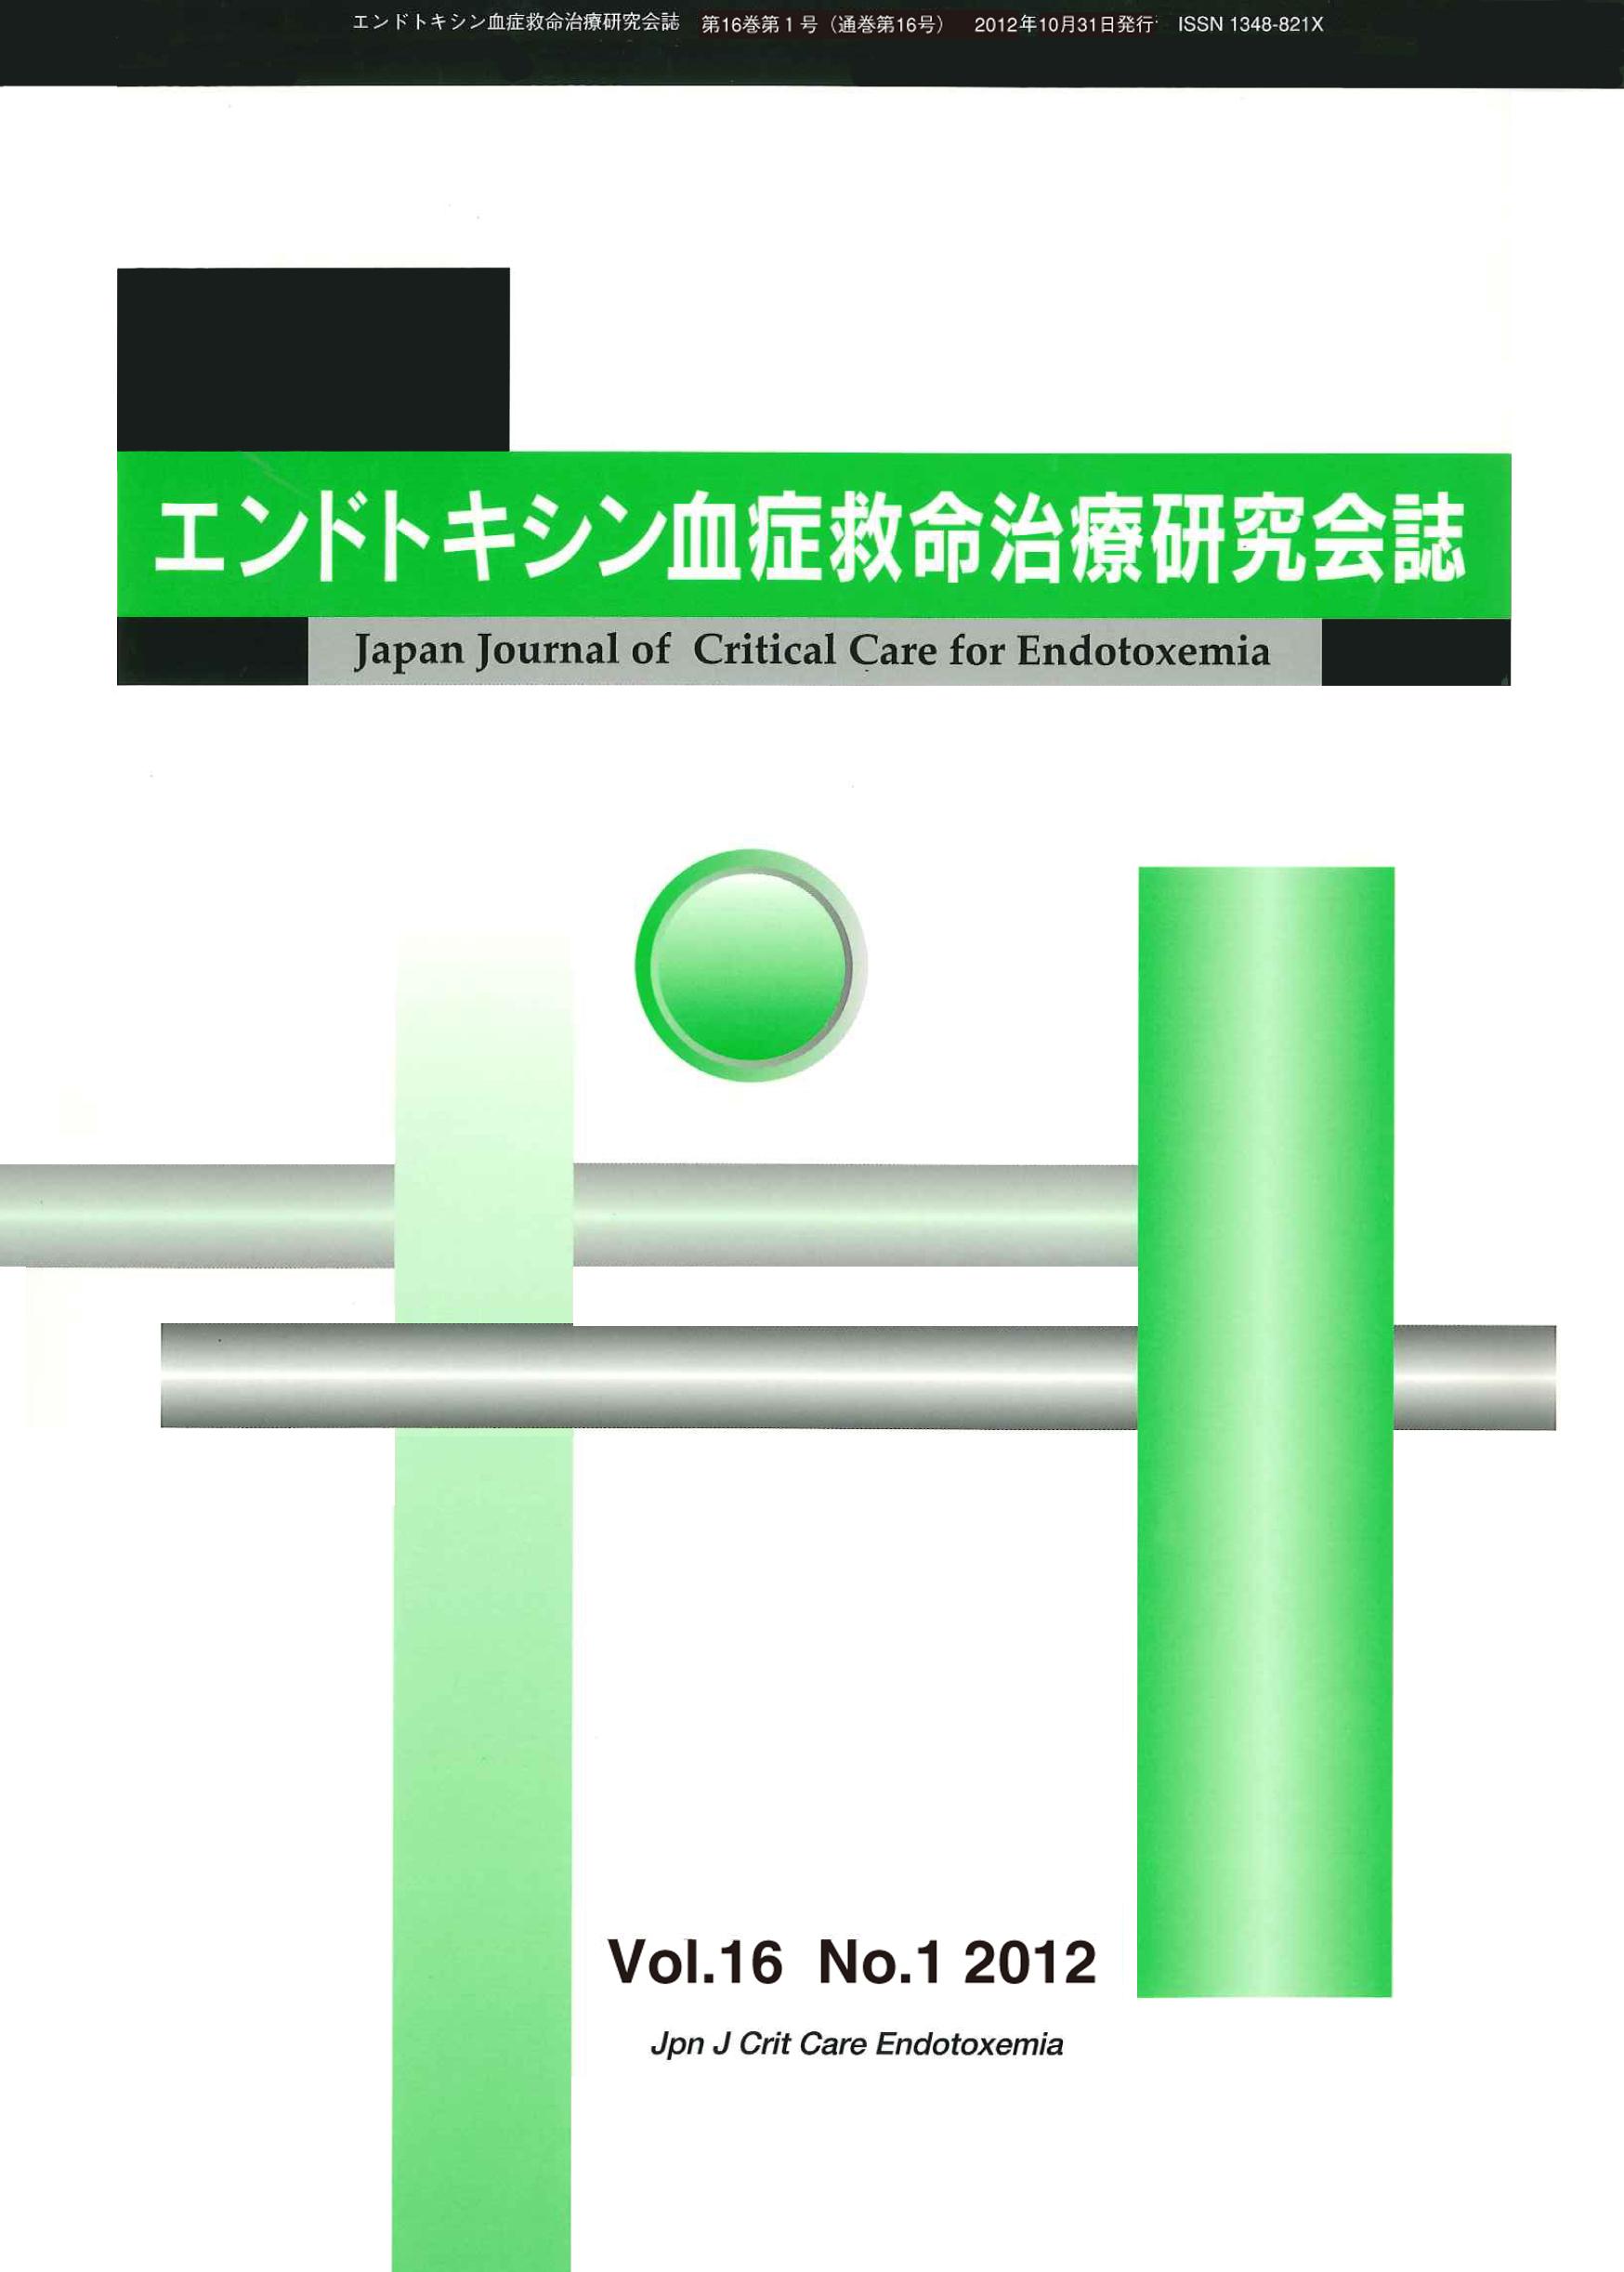 エンドトキシン血症救命治療研究会誌 Vol.16 No.1 2012